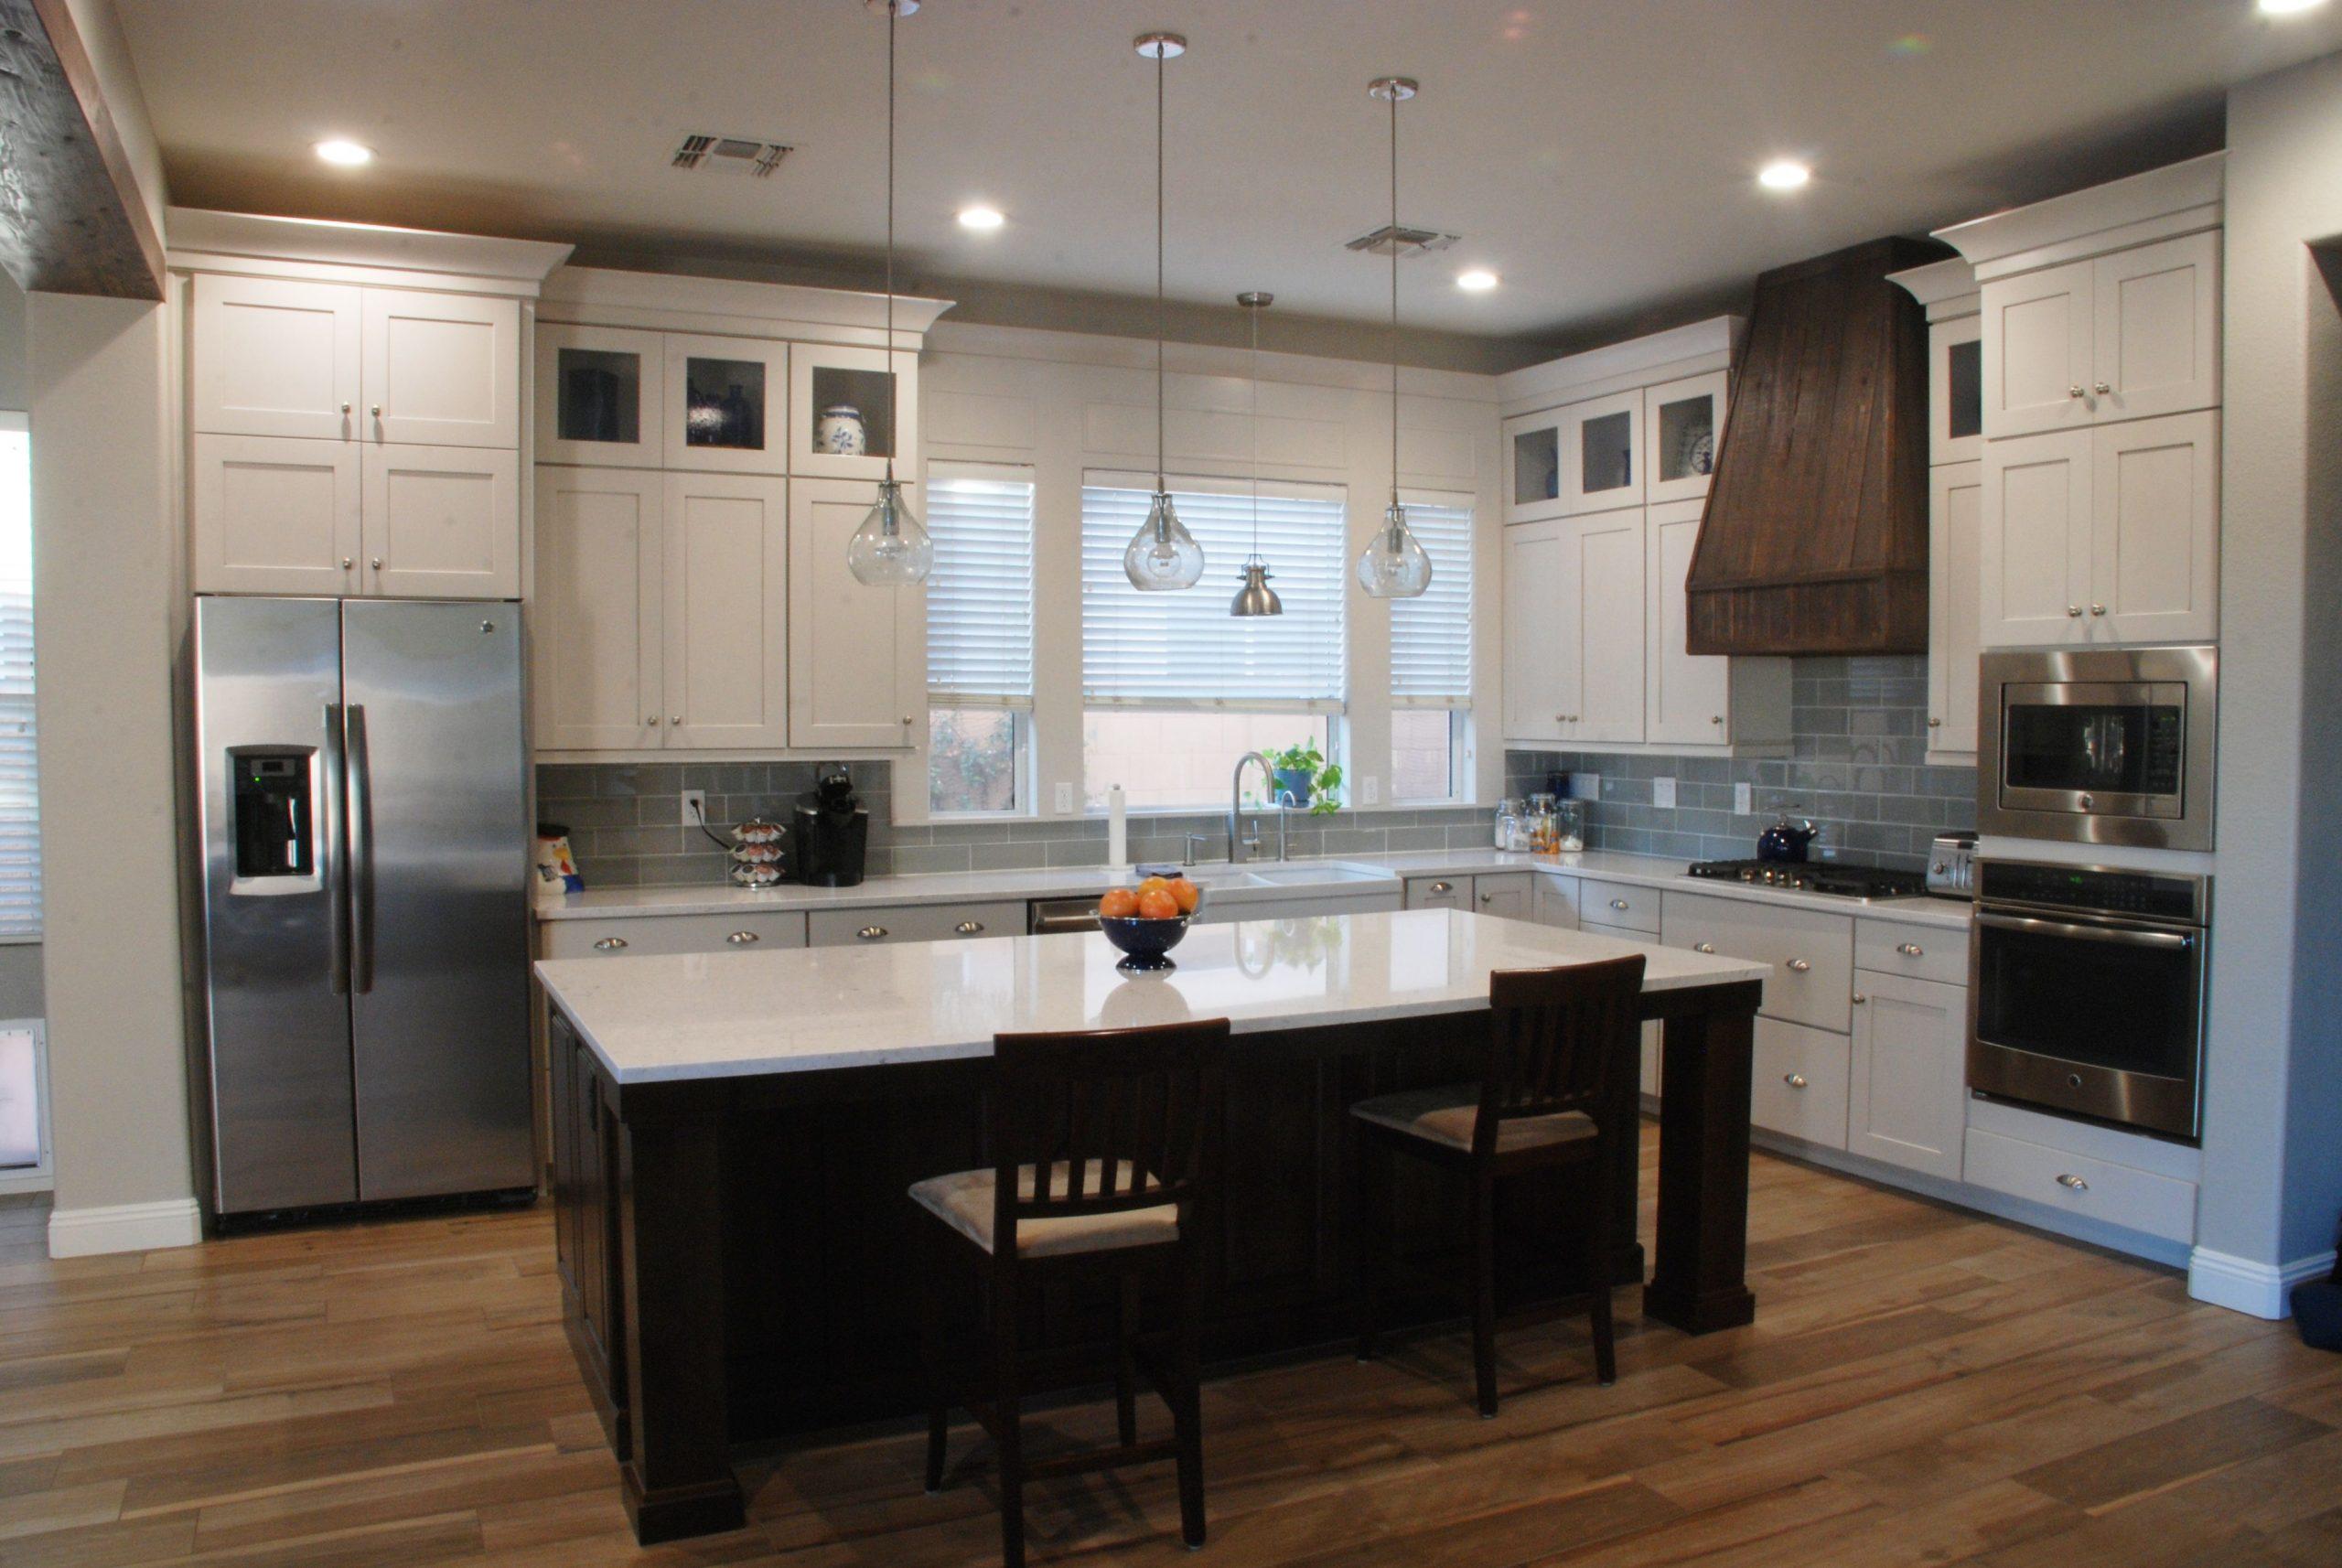 Schrock Kitchen Cabinet Hardware • Patio Ideas